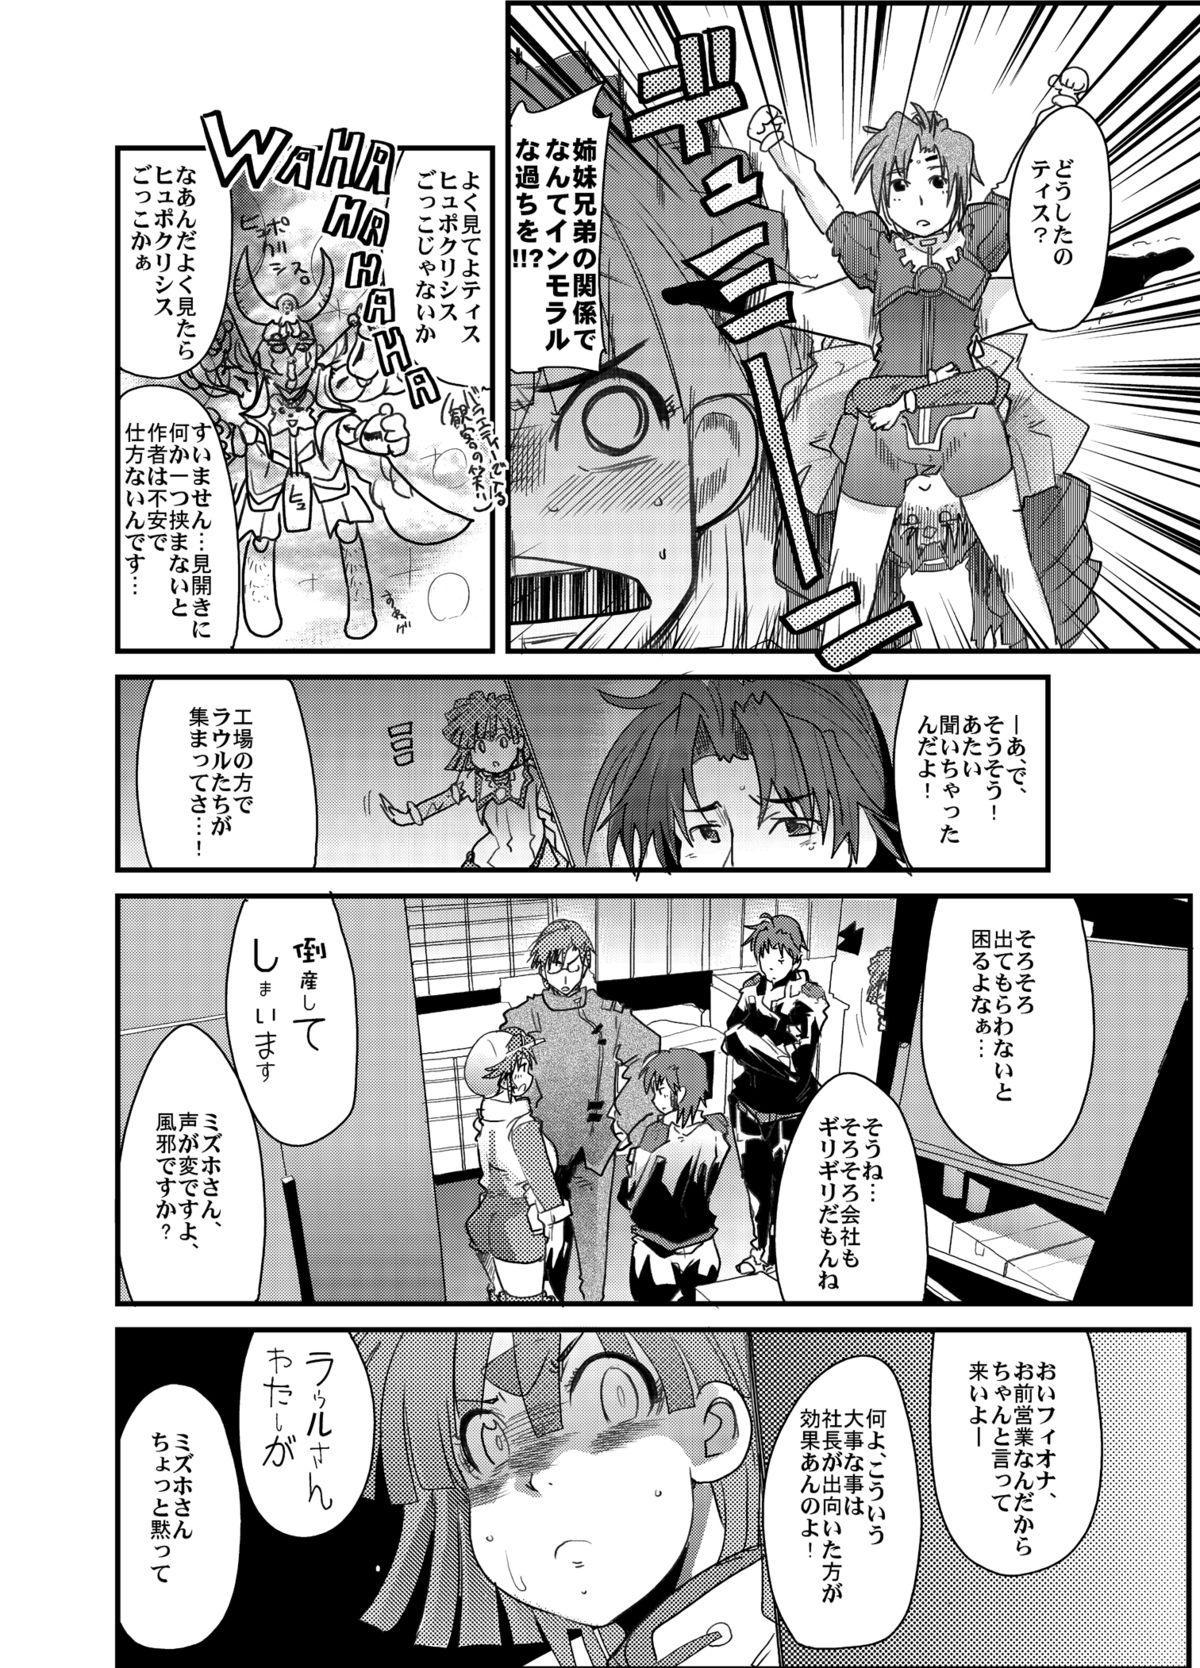 Boku no Watashi no Mugen no Super Bobobbo Taisen Frontier 22